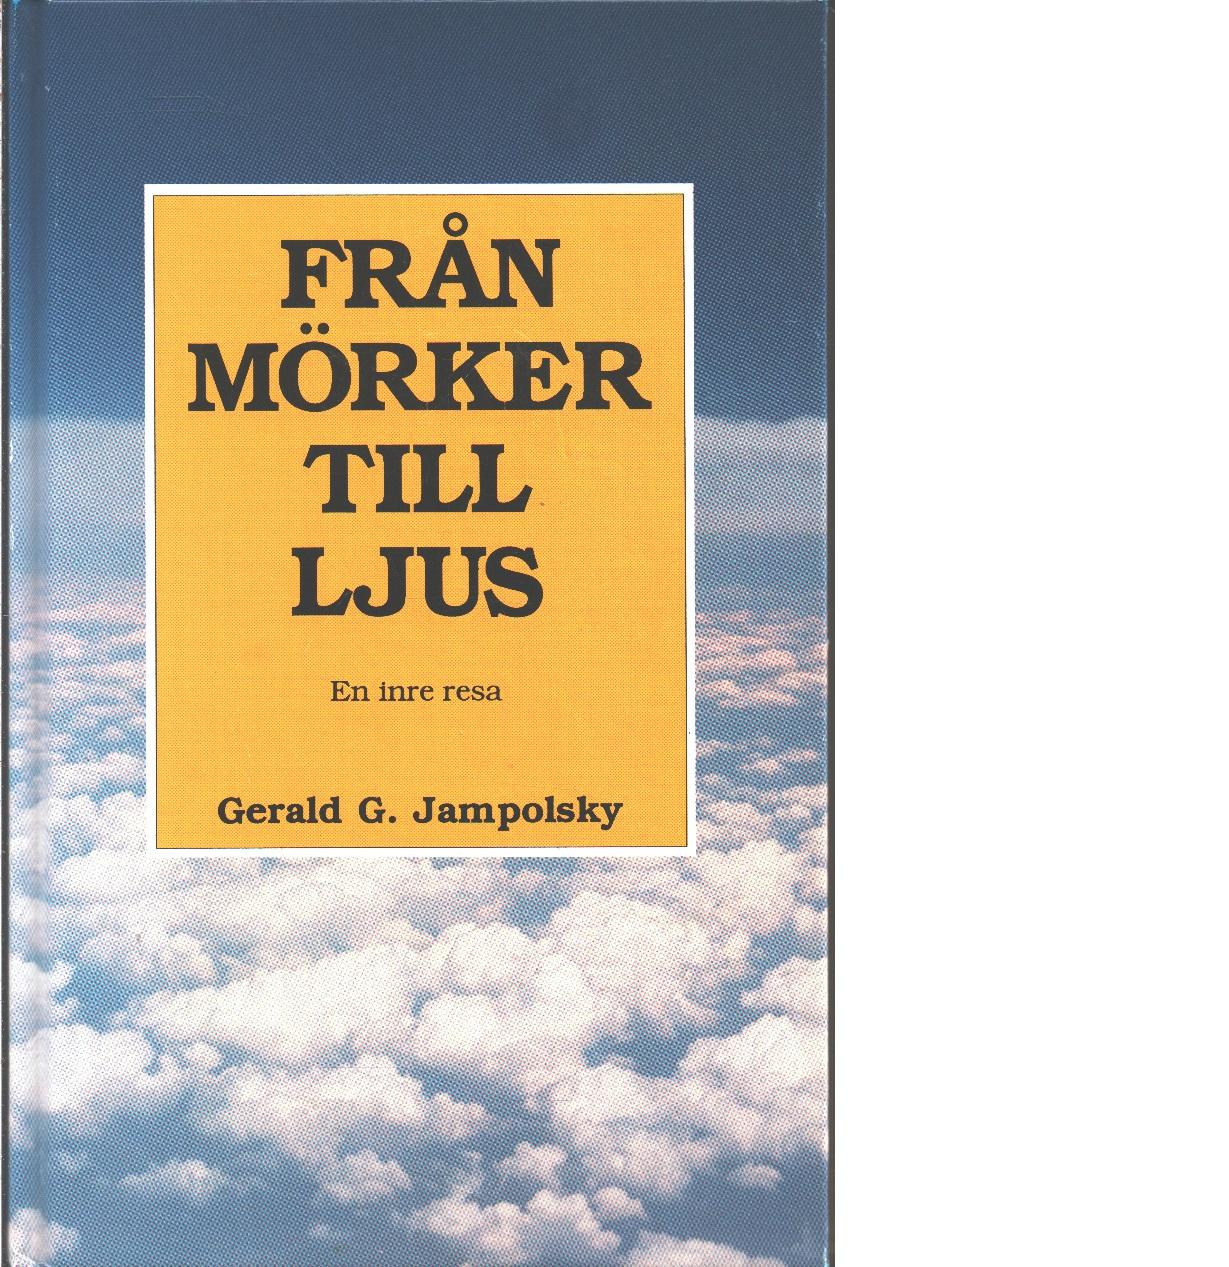 Från mörker till ljus : en inre resa - Jampolsky, Gerald G.